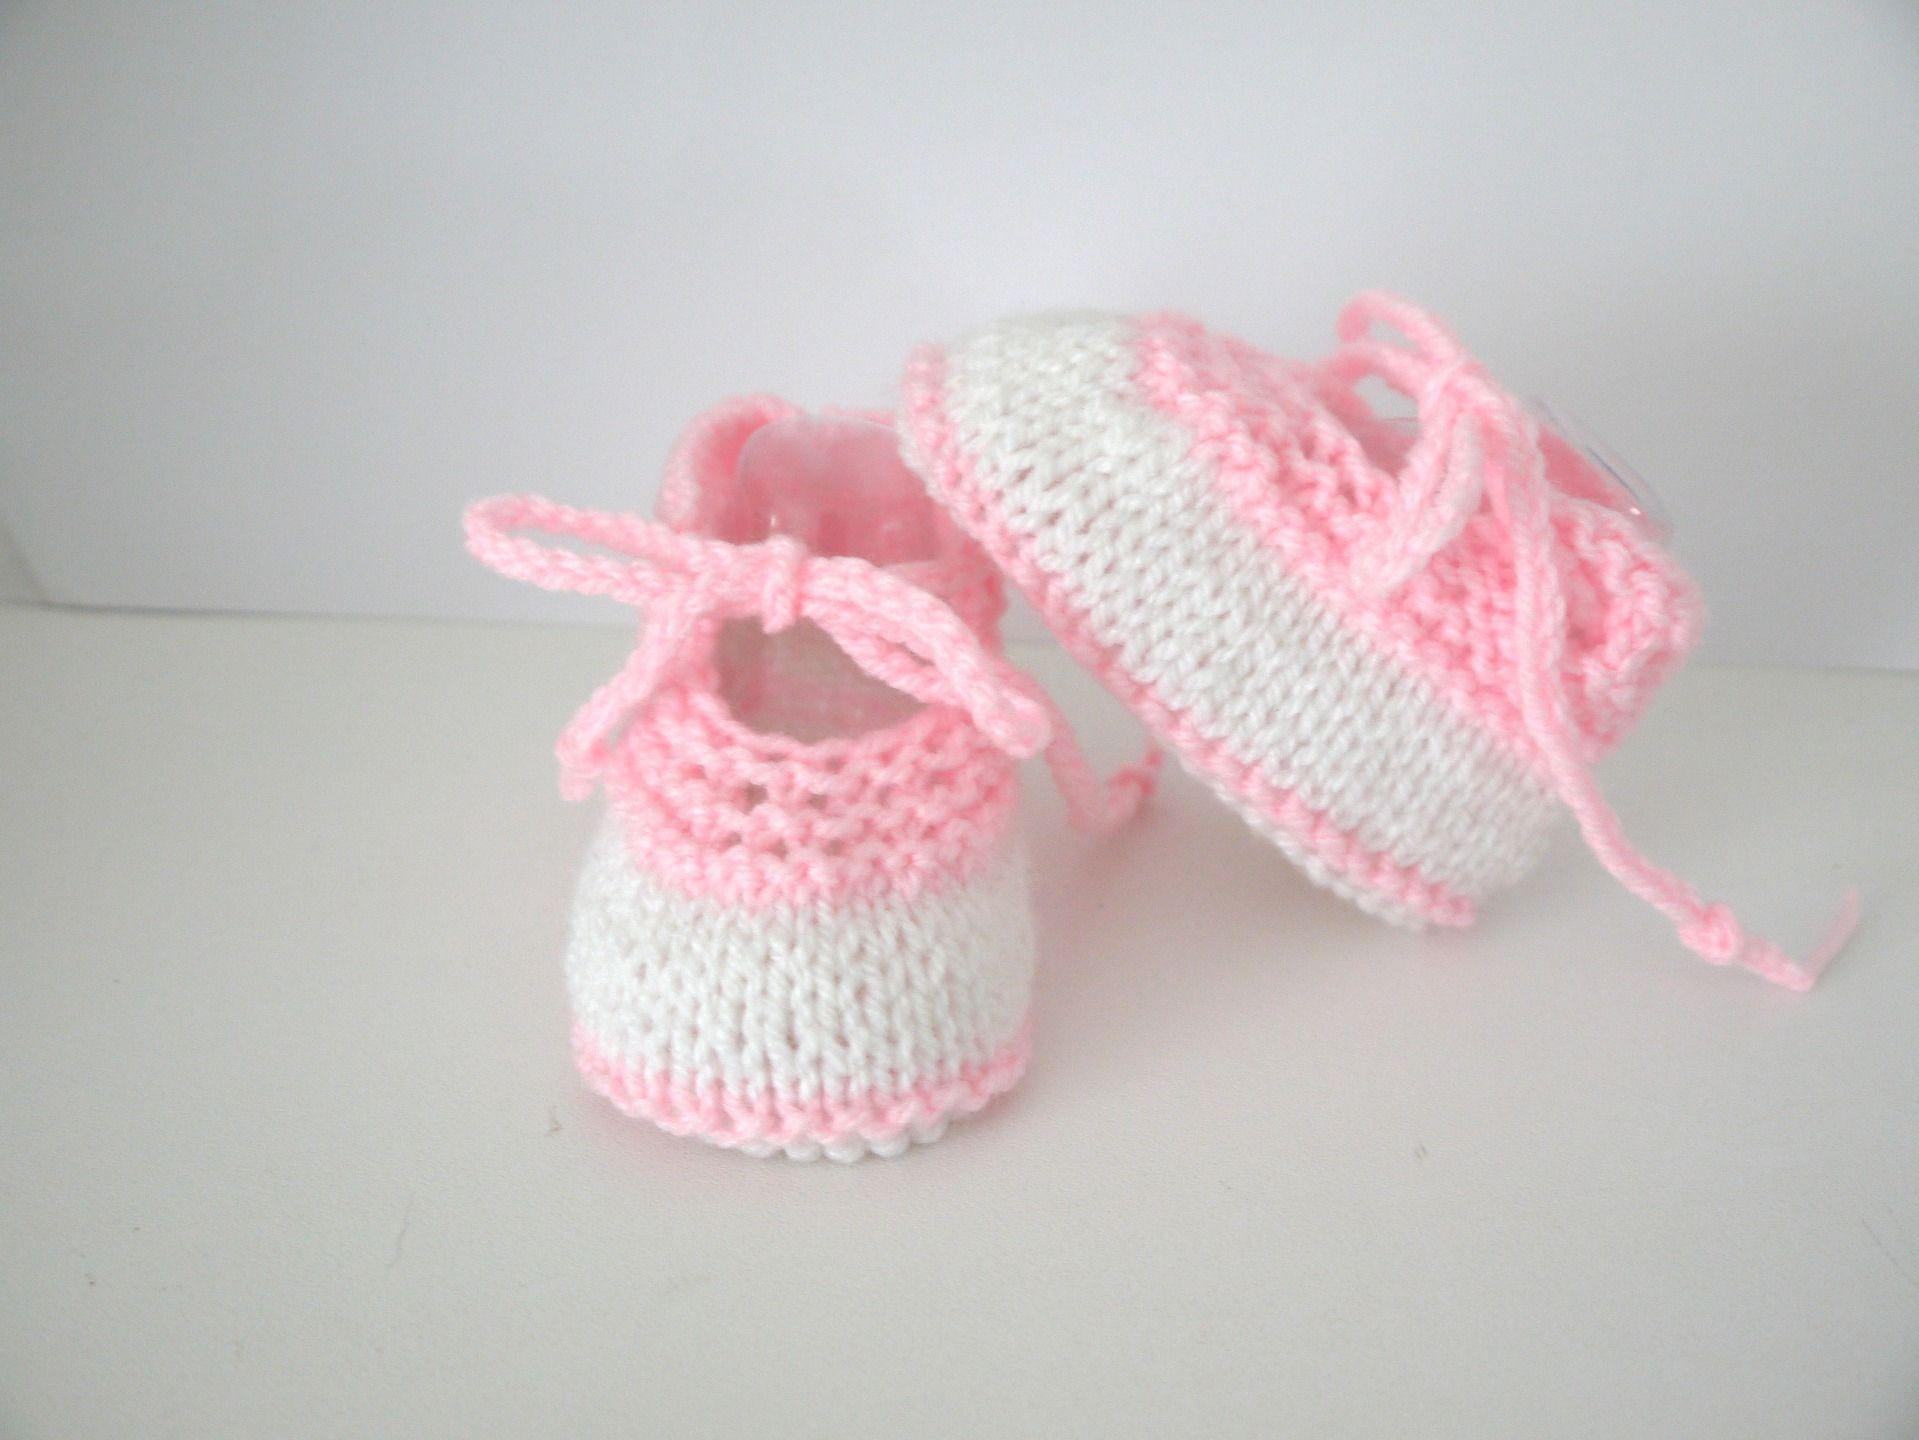 Crochet Bébé Chaussons Rose Clair 0-3